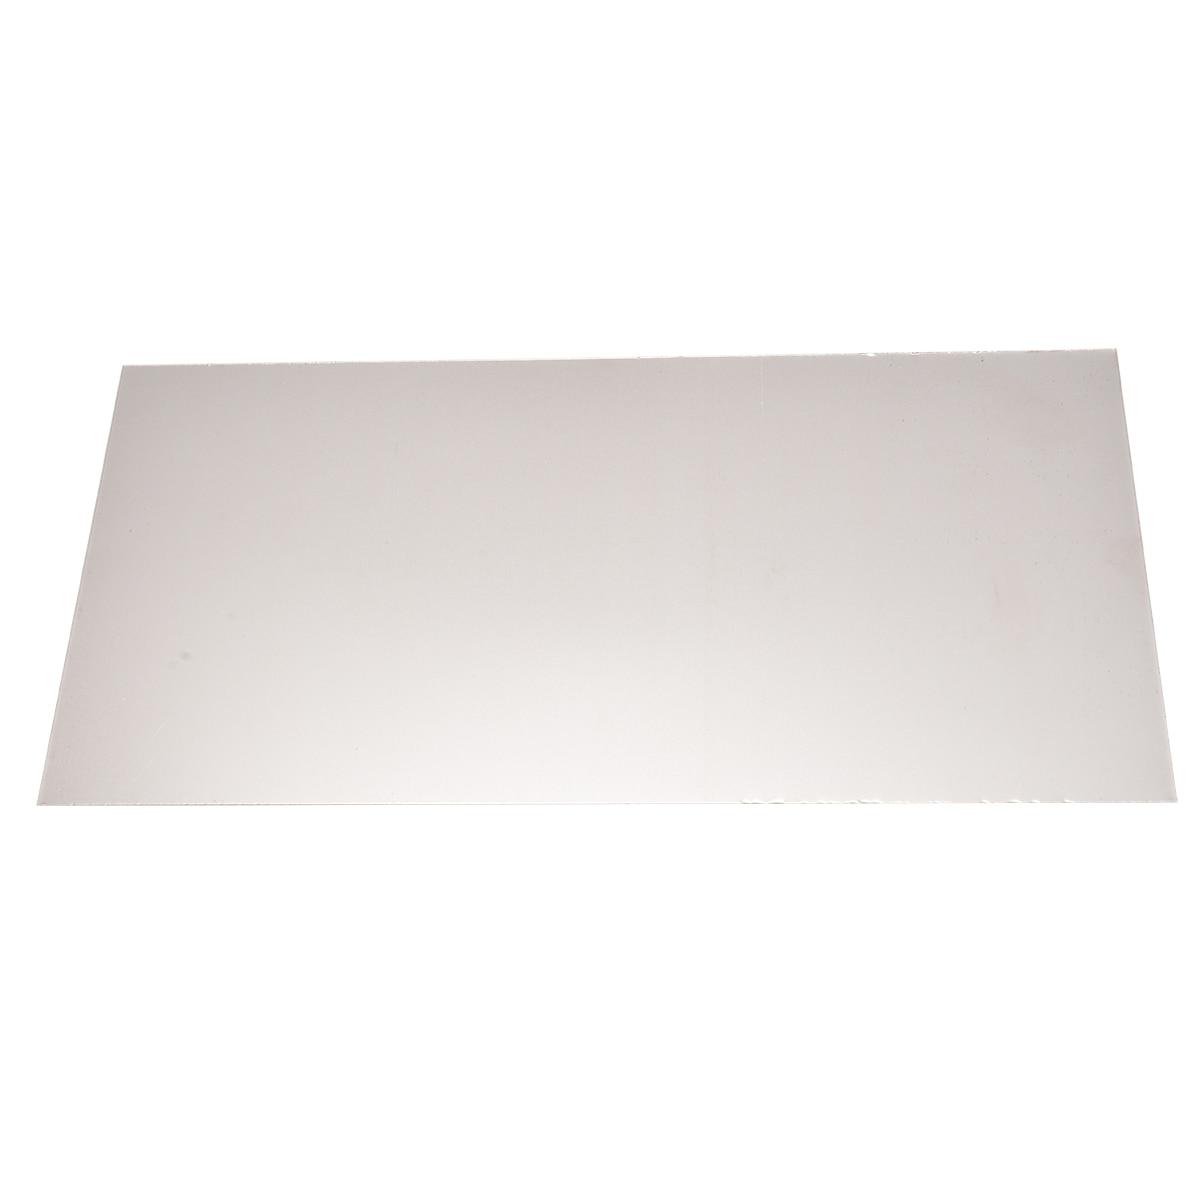 1 pieza de placa de níquel de alta pureza fina hoja de níquel de Metal 0,3x100x200mm para herramienta de la industria